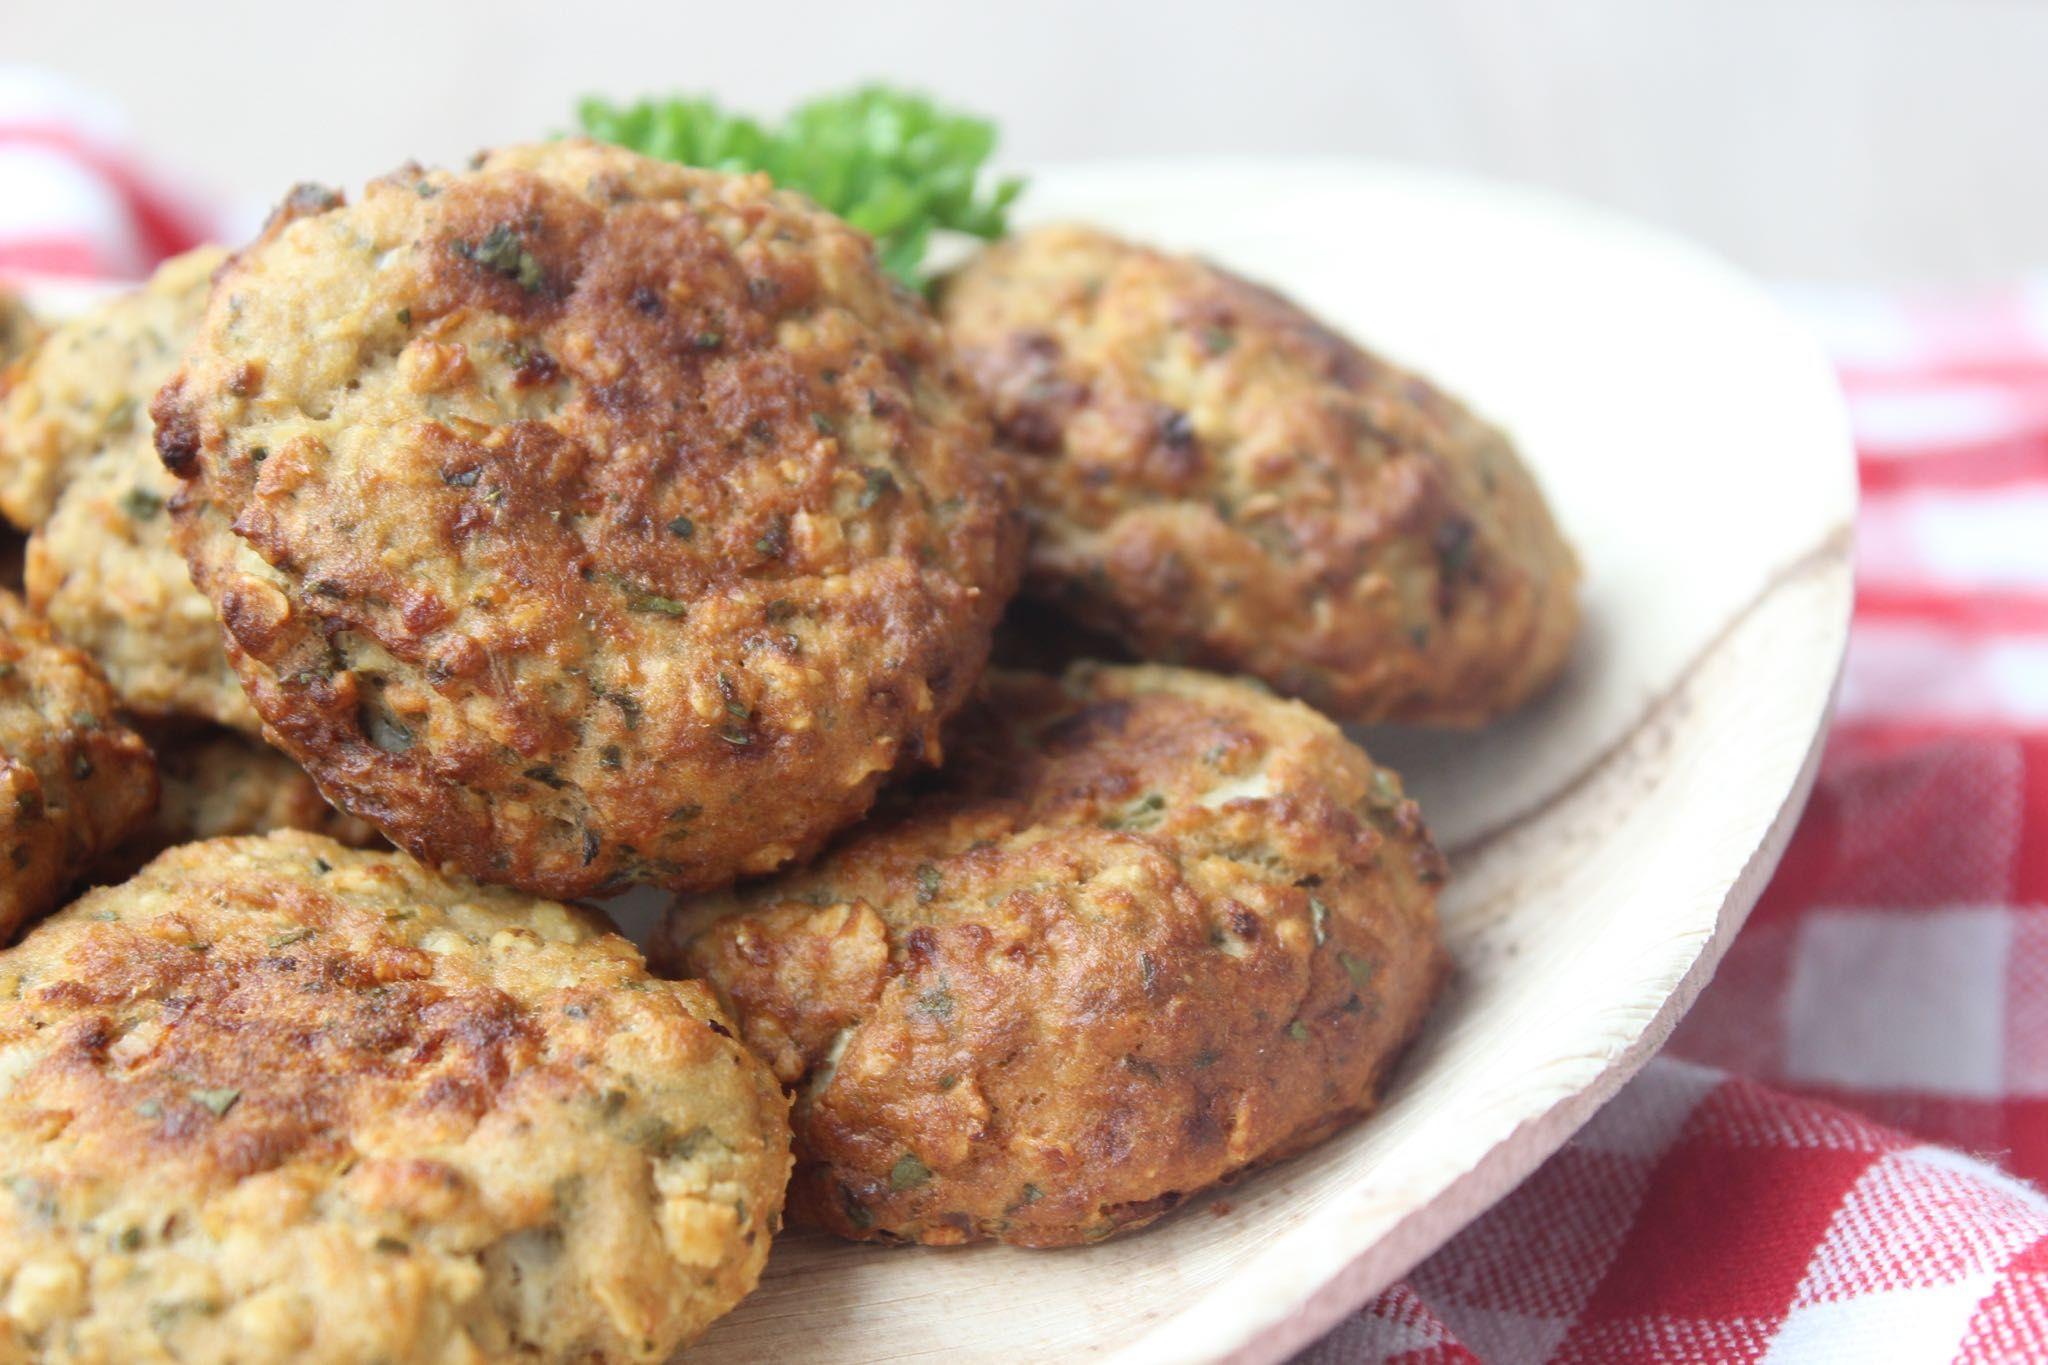 Recept voor viskoekjes van tonijn als tussendoortje of als visburger bij de warme maaltijd. Wordt gemaakt met tonijn uit blik.